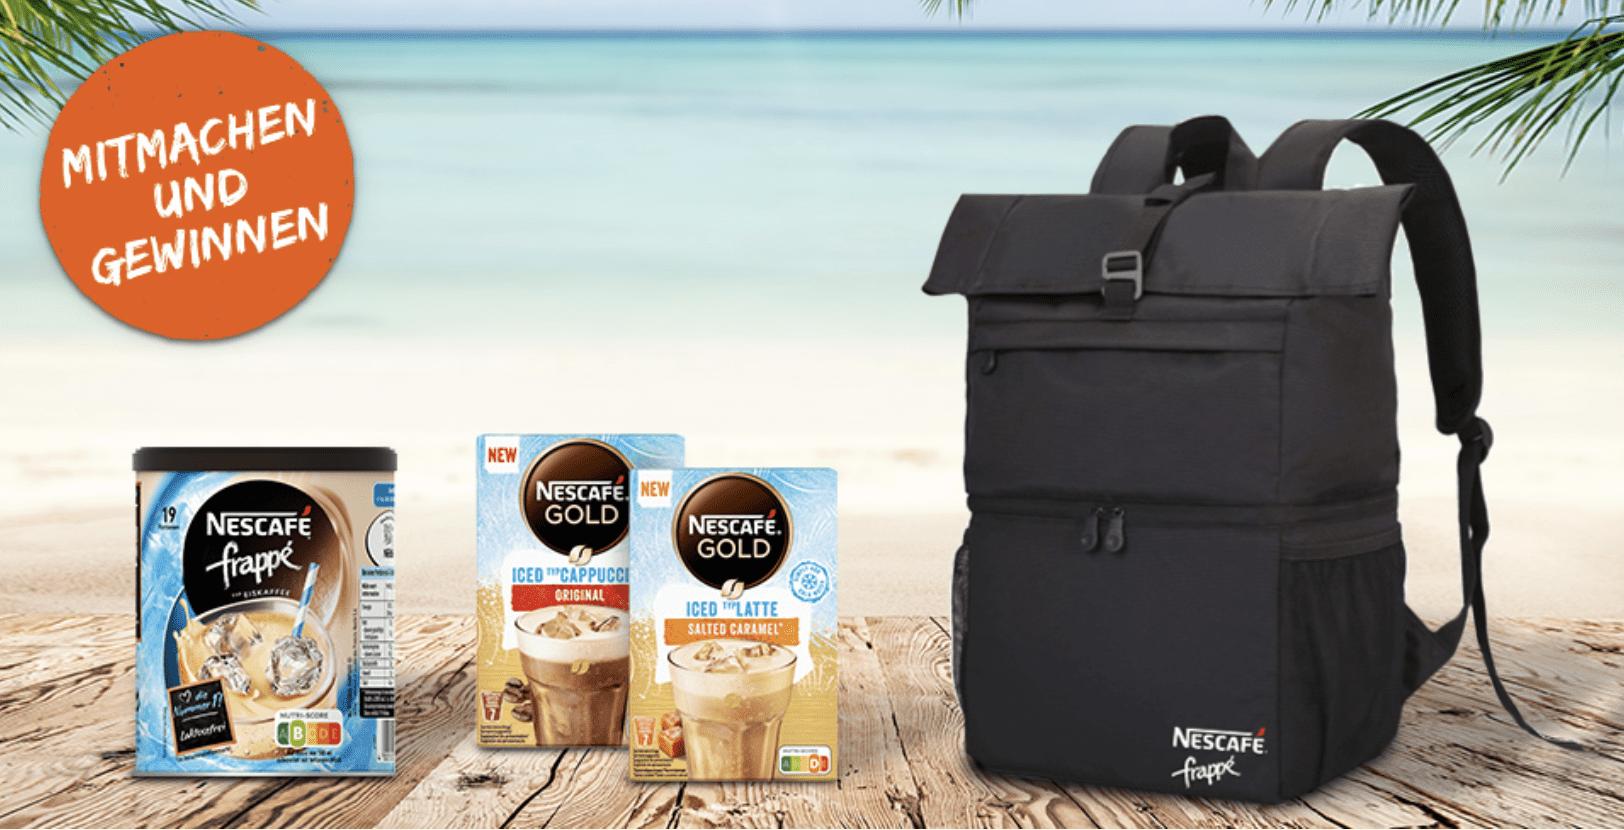 """Gewinnspiel-Cases """"FMCG Food"""" Nescafe"""